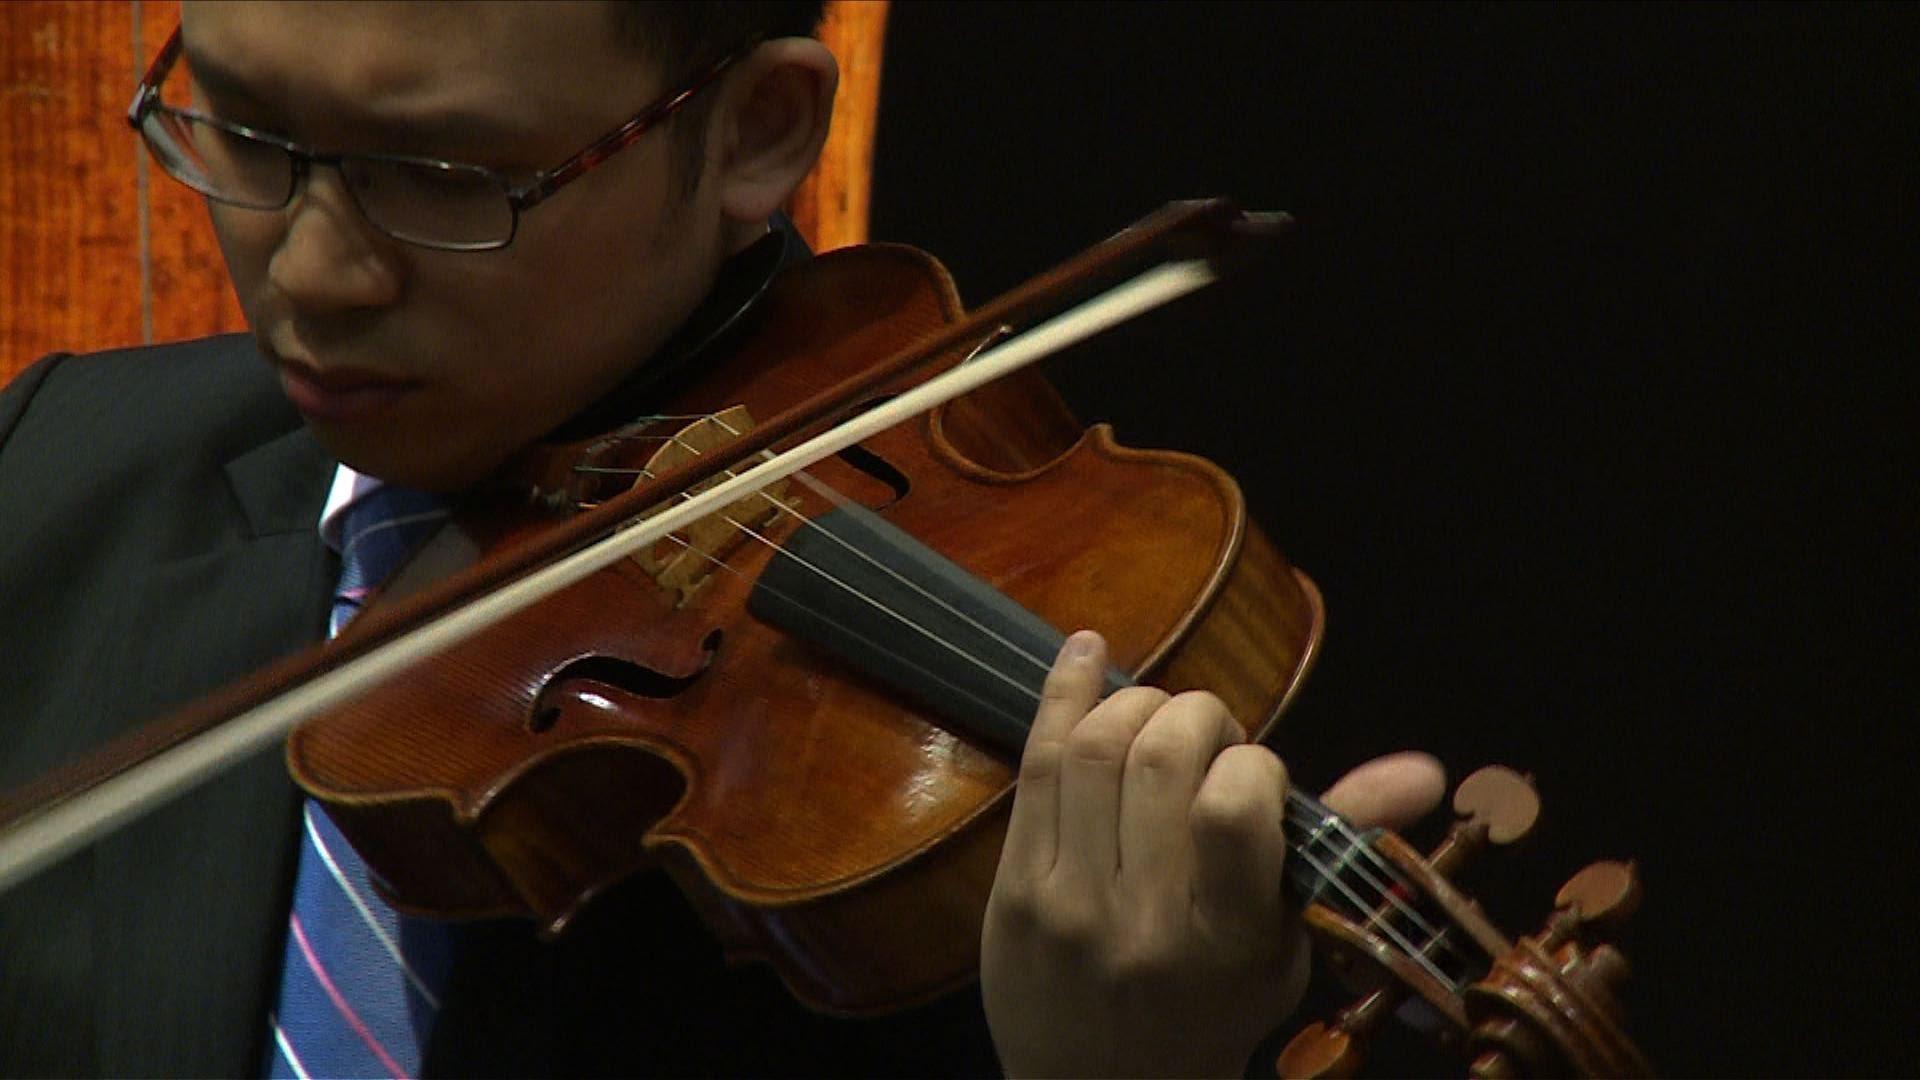 ティロフェヒナー 中谷美紀と熱愛 ビオラ奏者ティロ・フェヒナー氏に不穏な噂も ビオラの写真や動画等、調査結果まとめ -  話題のキーワードの調査結果話題のキーワードの調査結果